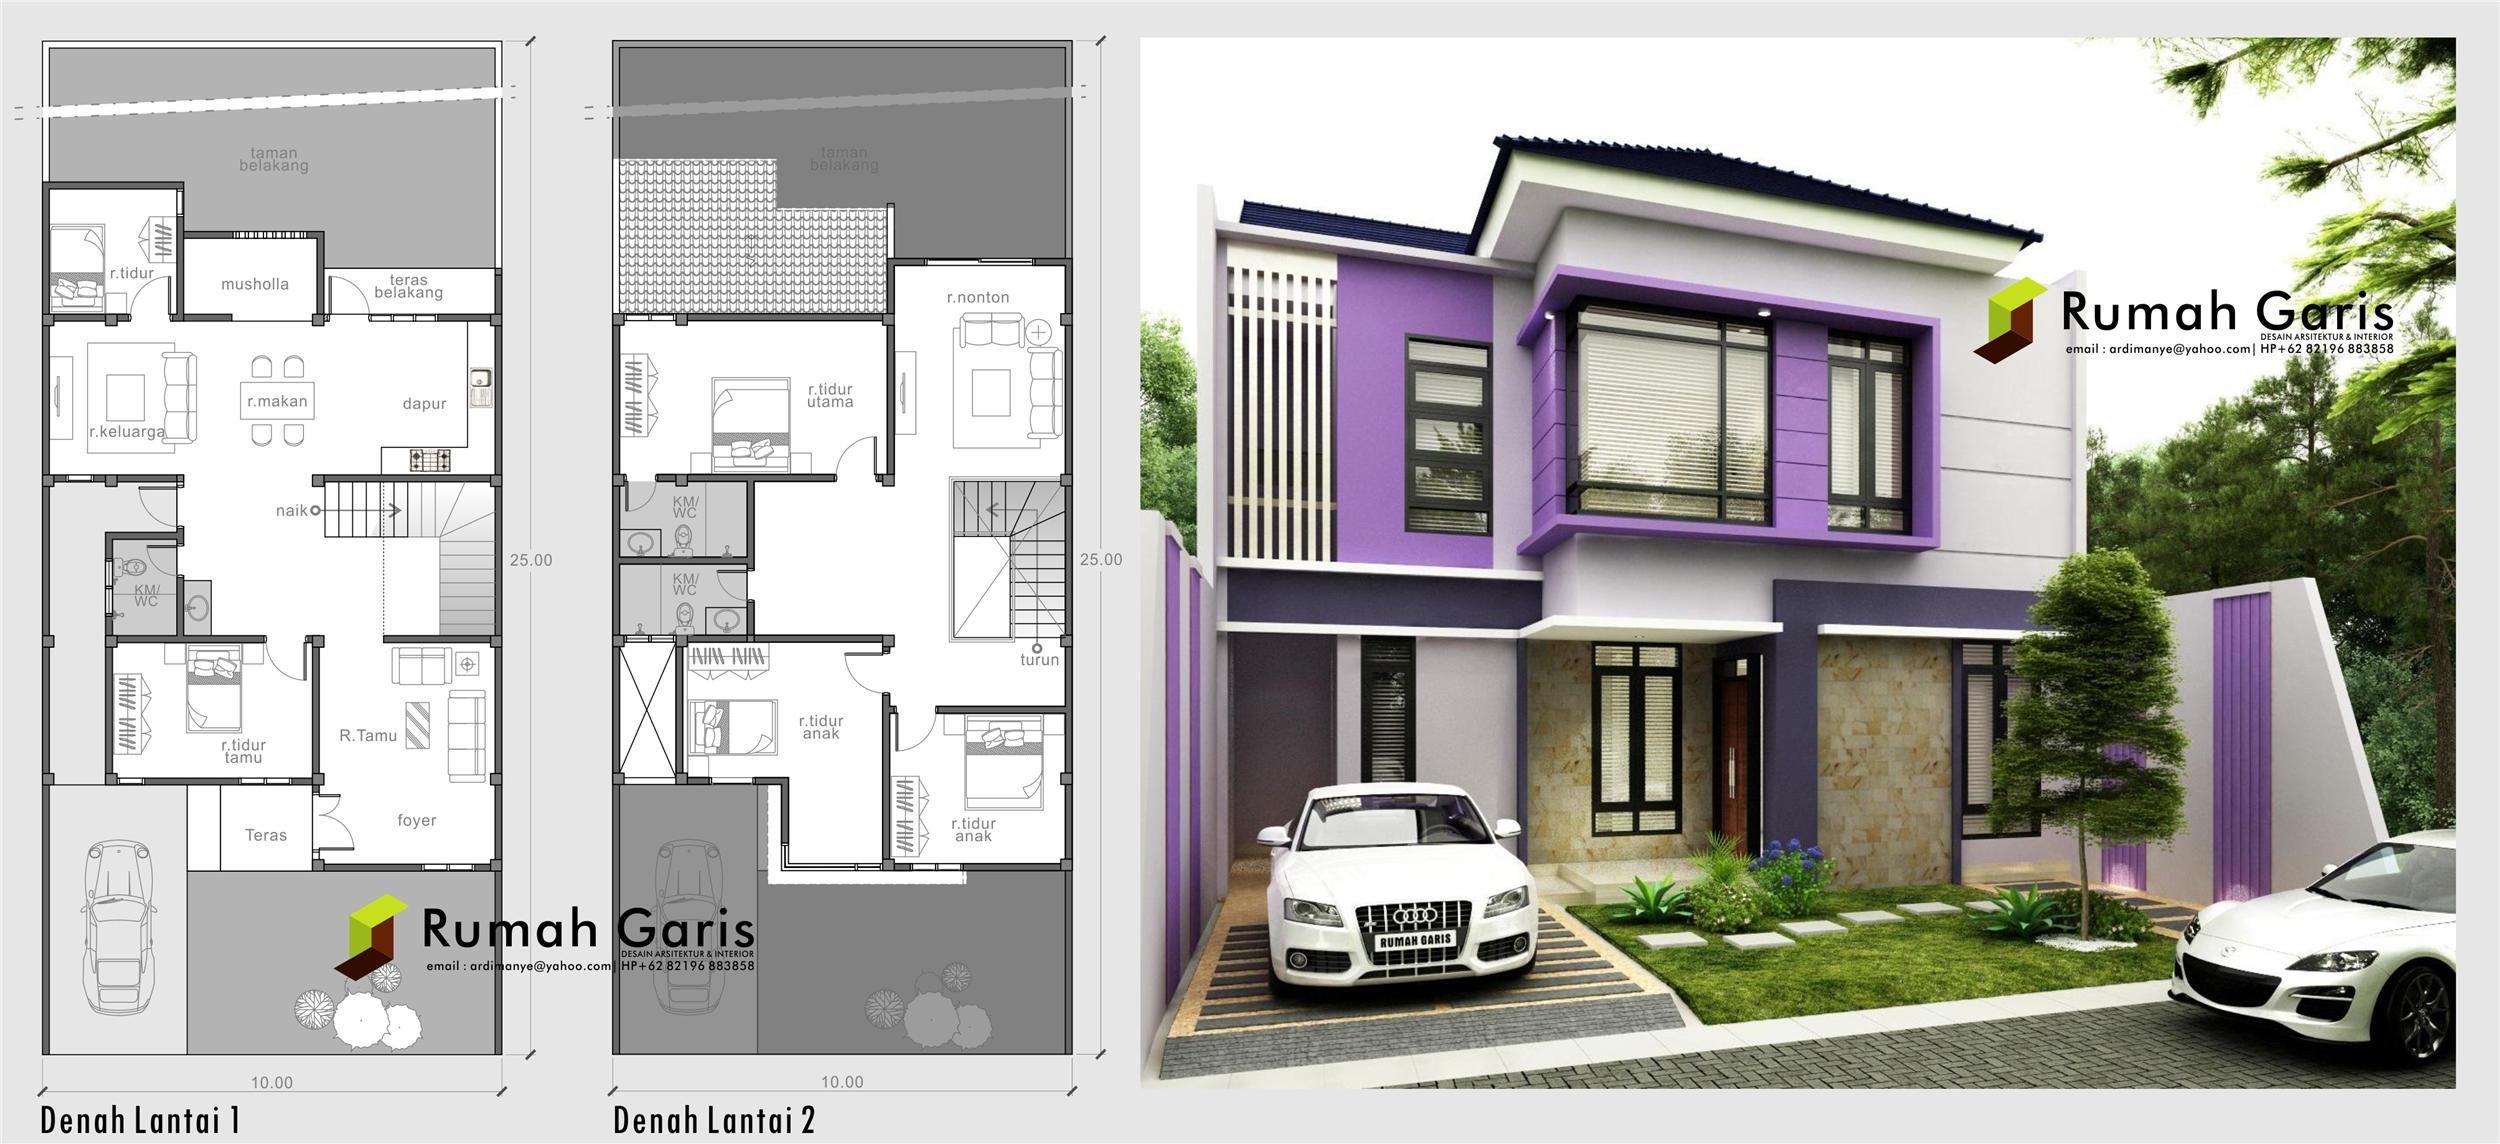 Desain Rumah Modern 2 Lantai Beserta Denahnya - Content